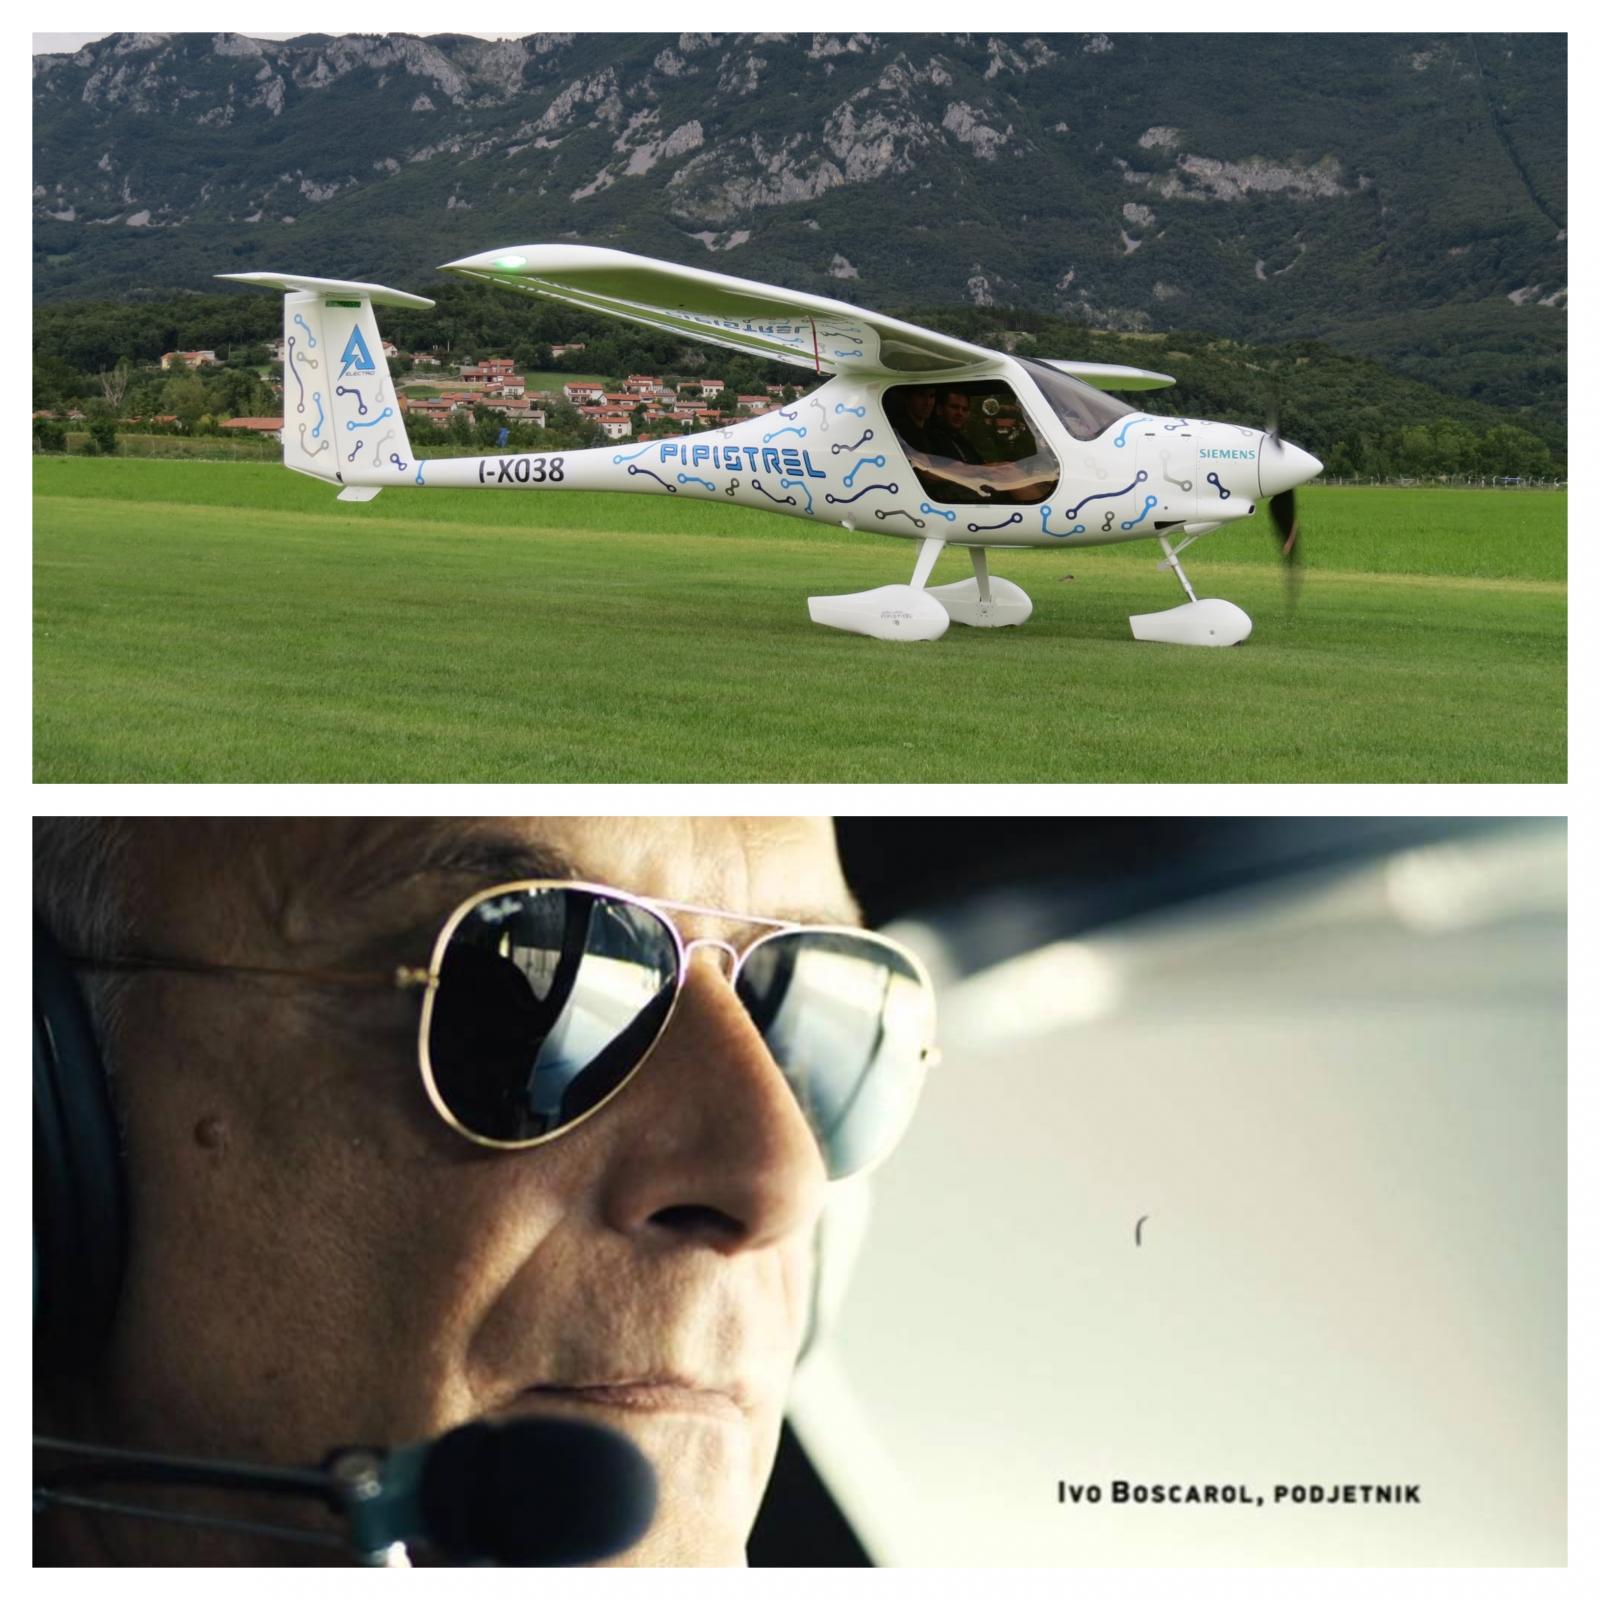 Ivo Boscarol - letalo in v pilotski kabini